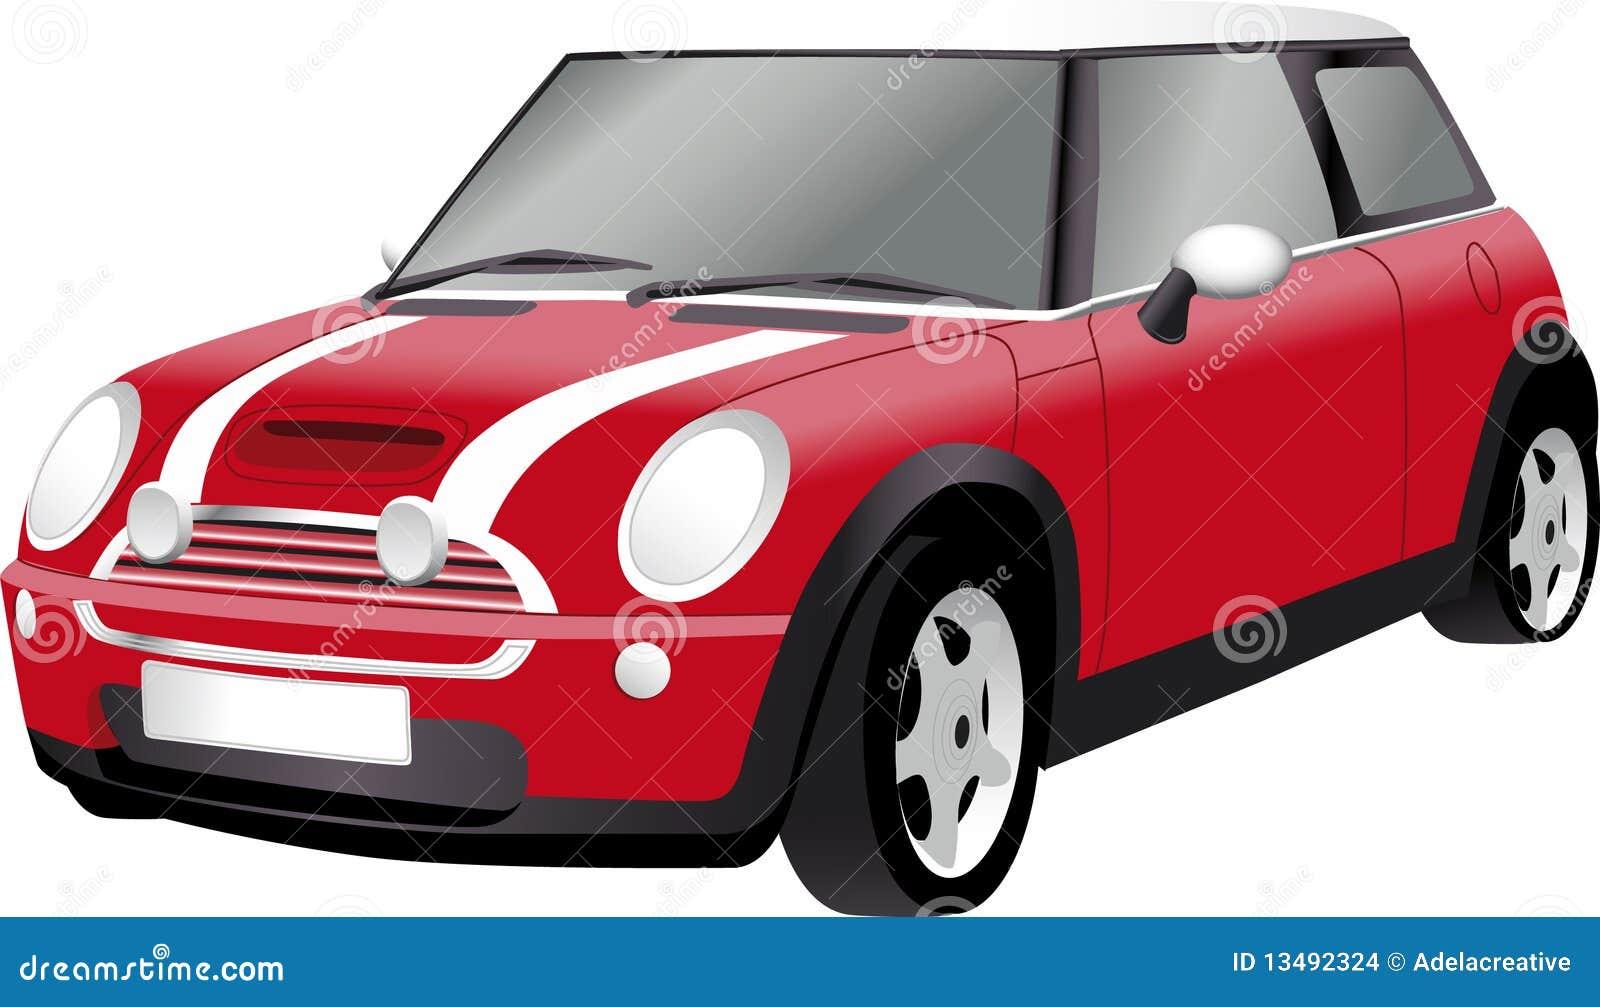 Hire a Mini Cooper in Ireland, Mini Cooper S, Mini Countryman